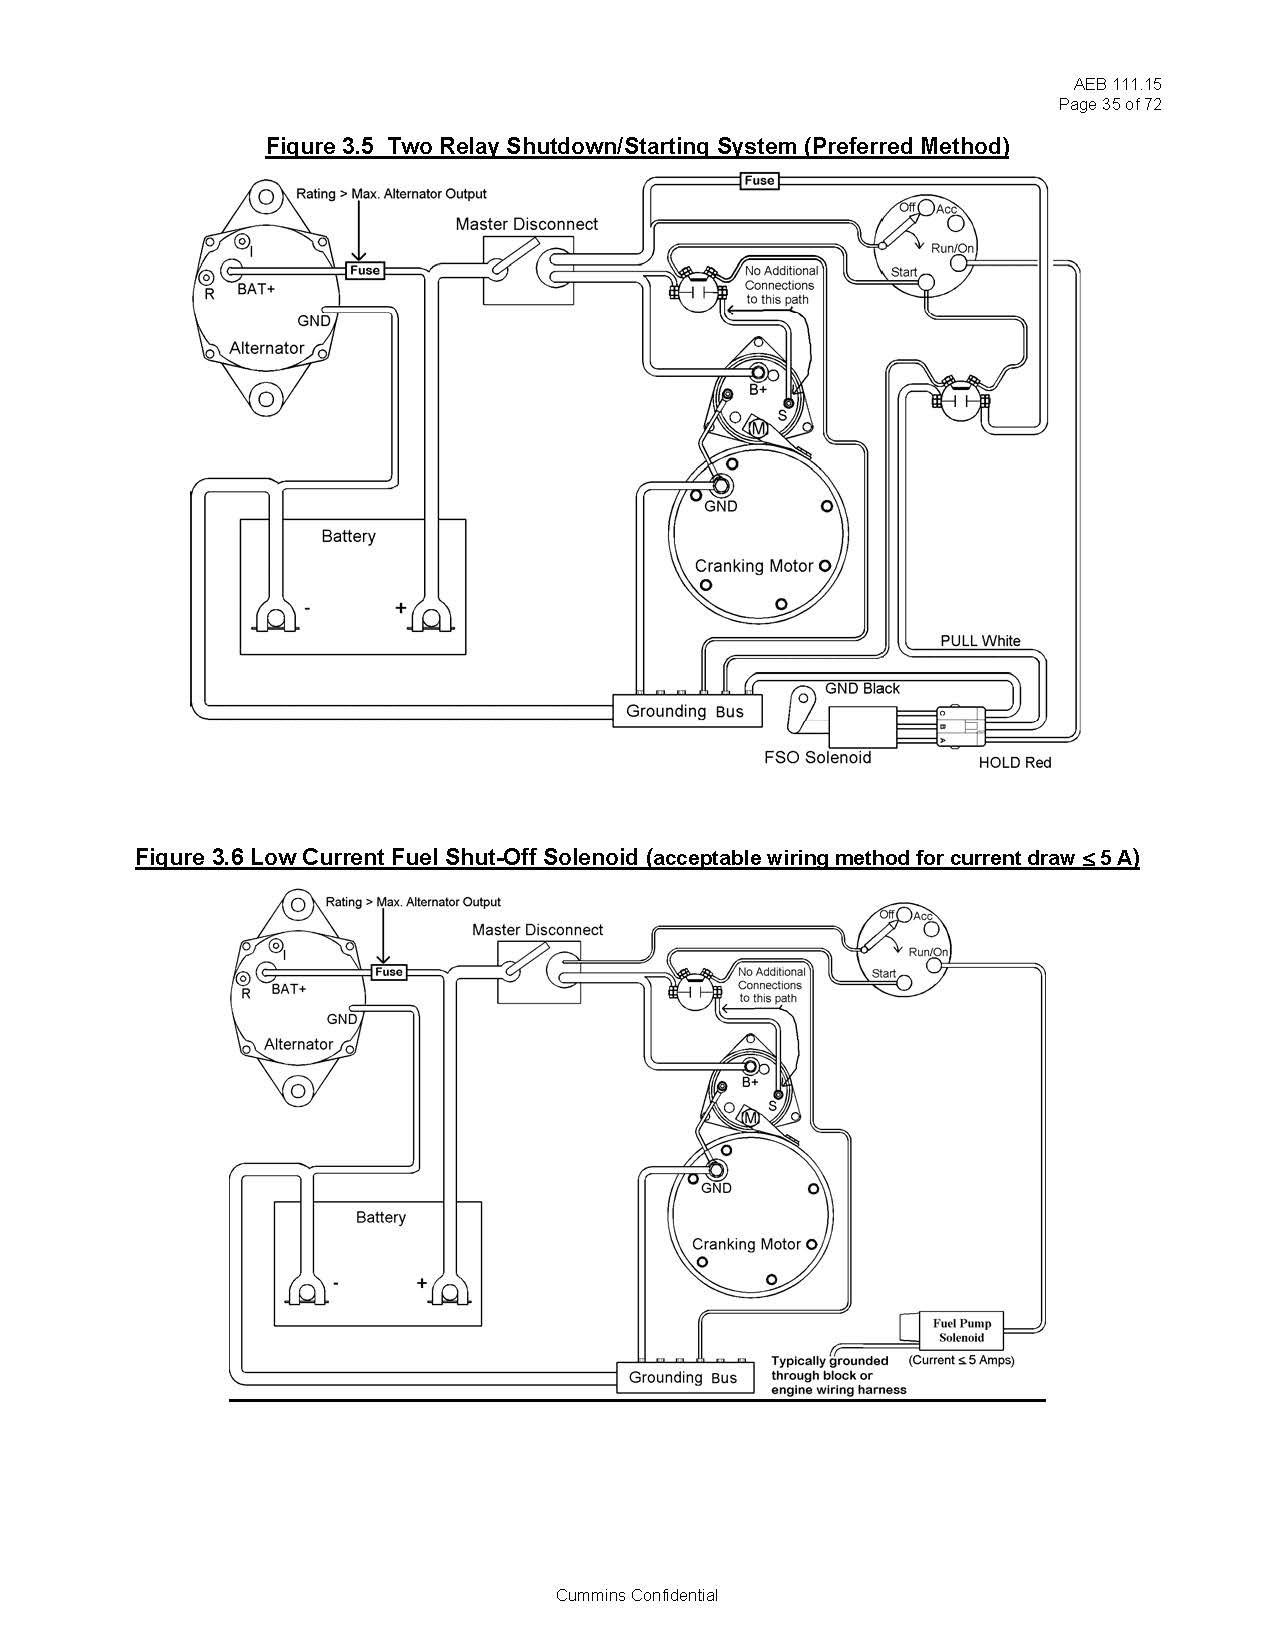 Pump Start Relay Wiring Basic Fuel Shutoff solenoid and Starter Wiring Information